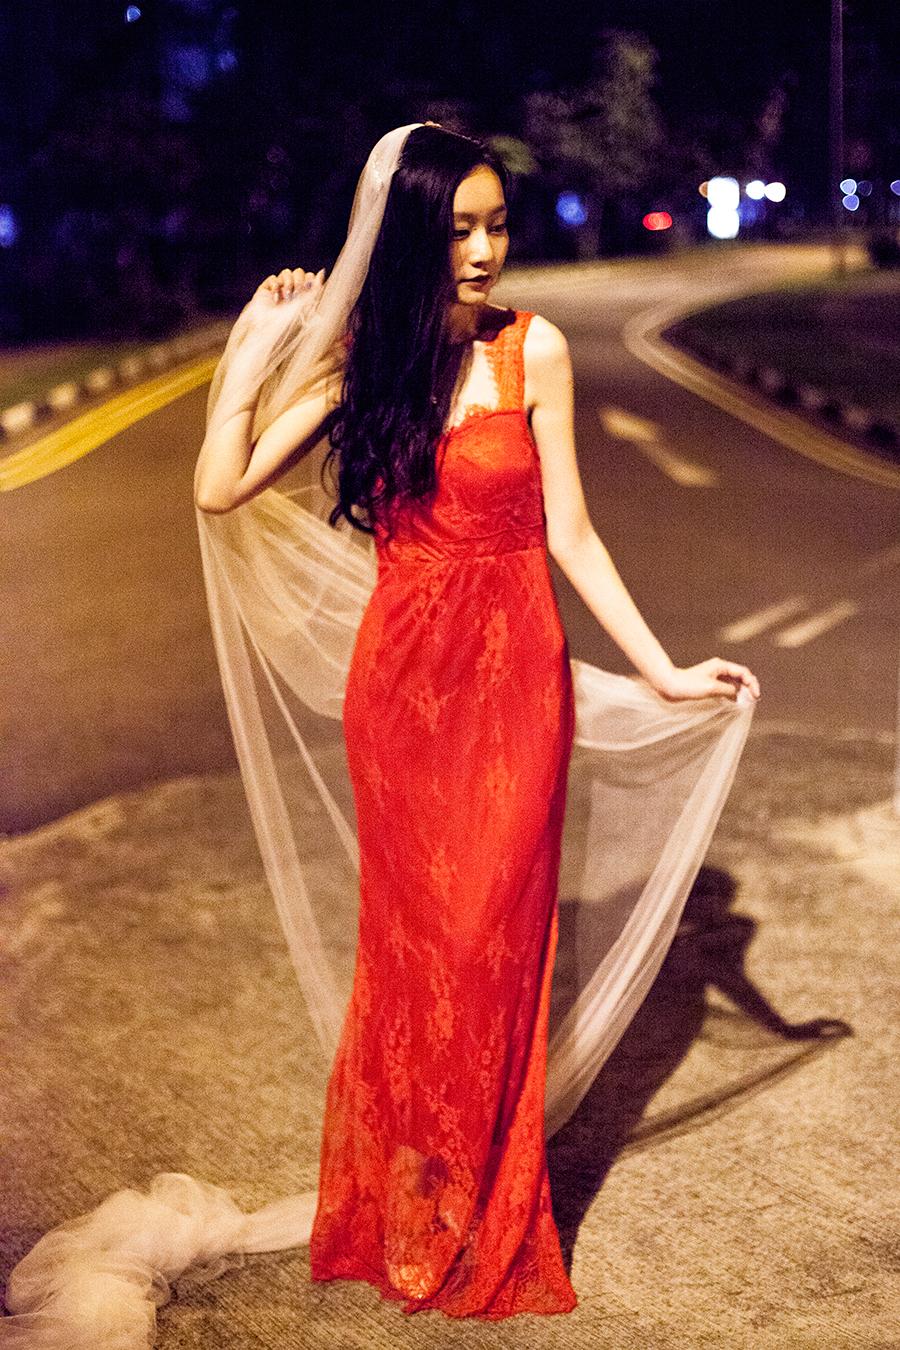 Banggood red lace gown and Banggood white long wedding veil.